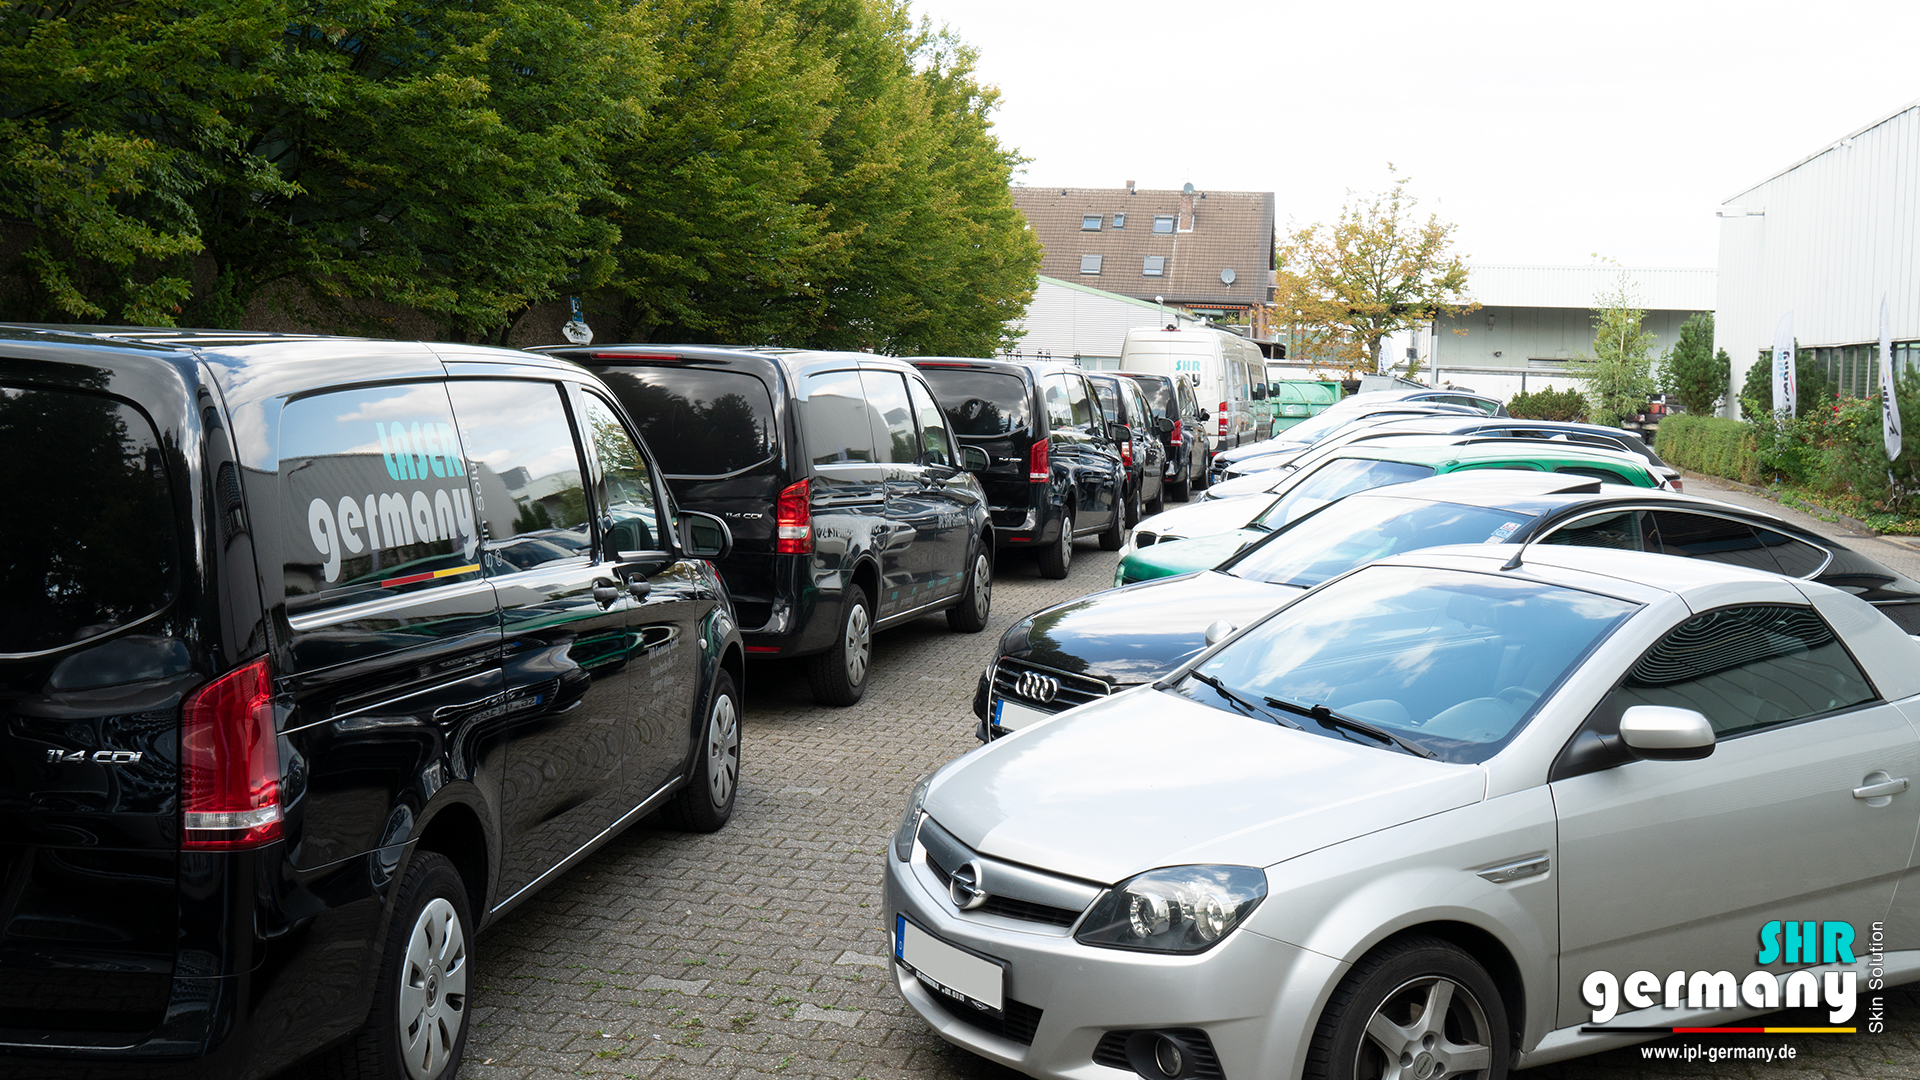 SHR_IPL_Germany_Hausmesse_01